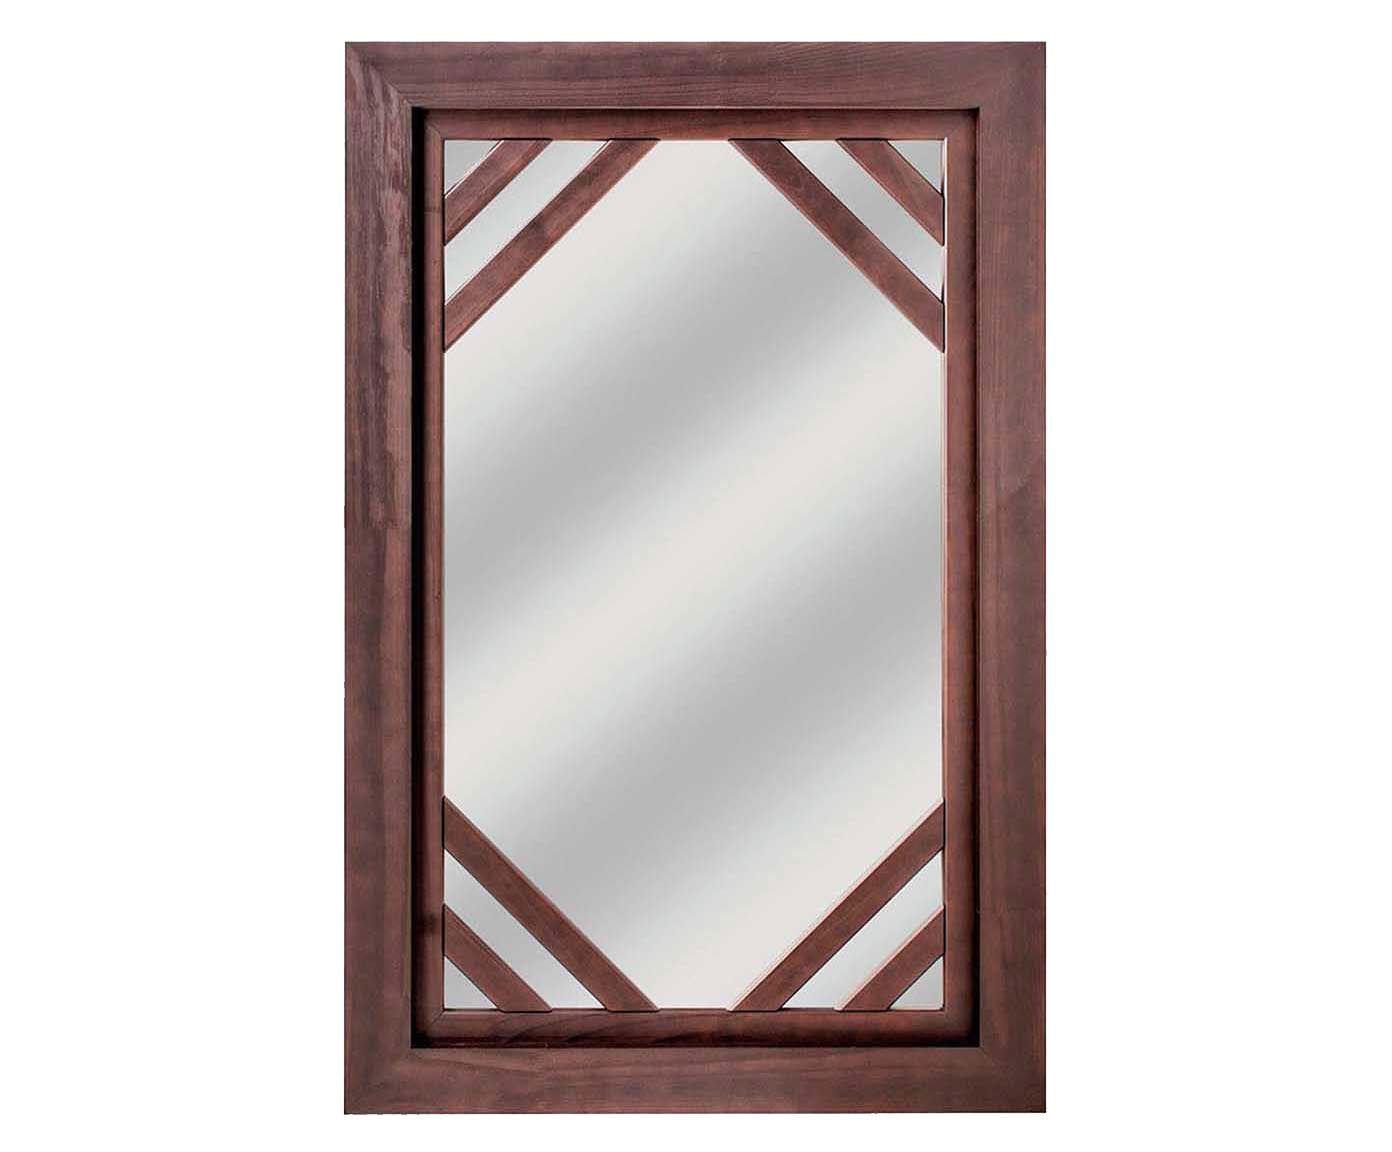 Espelho opulin - 73x113cm   Westwing.com.br